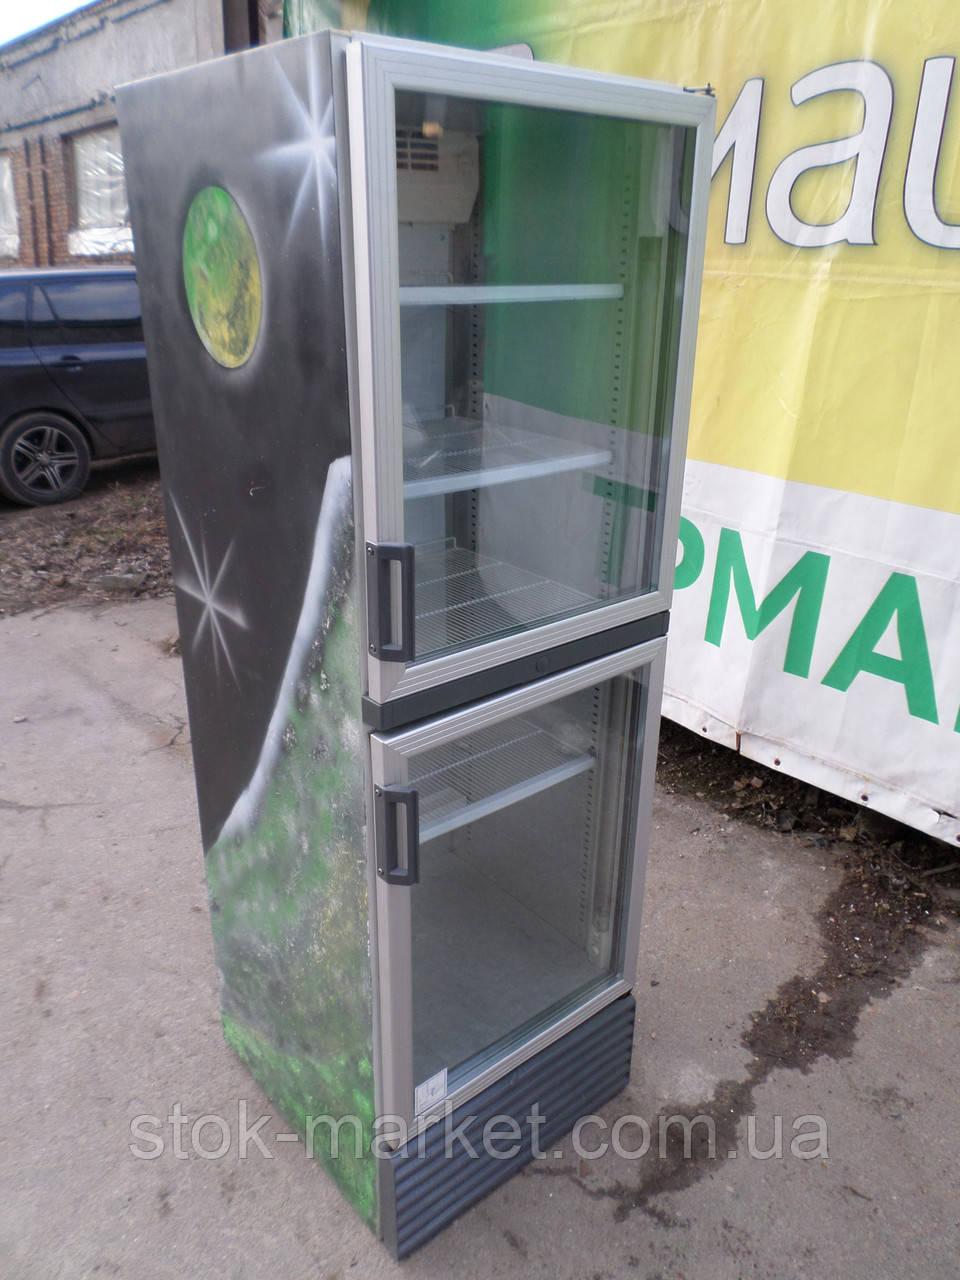 Холодильна шафа Caravell б/в, шафи холодильні б, вітрина холодильна б.